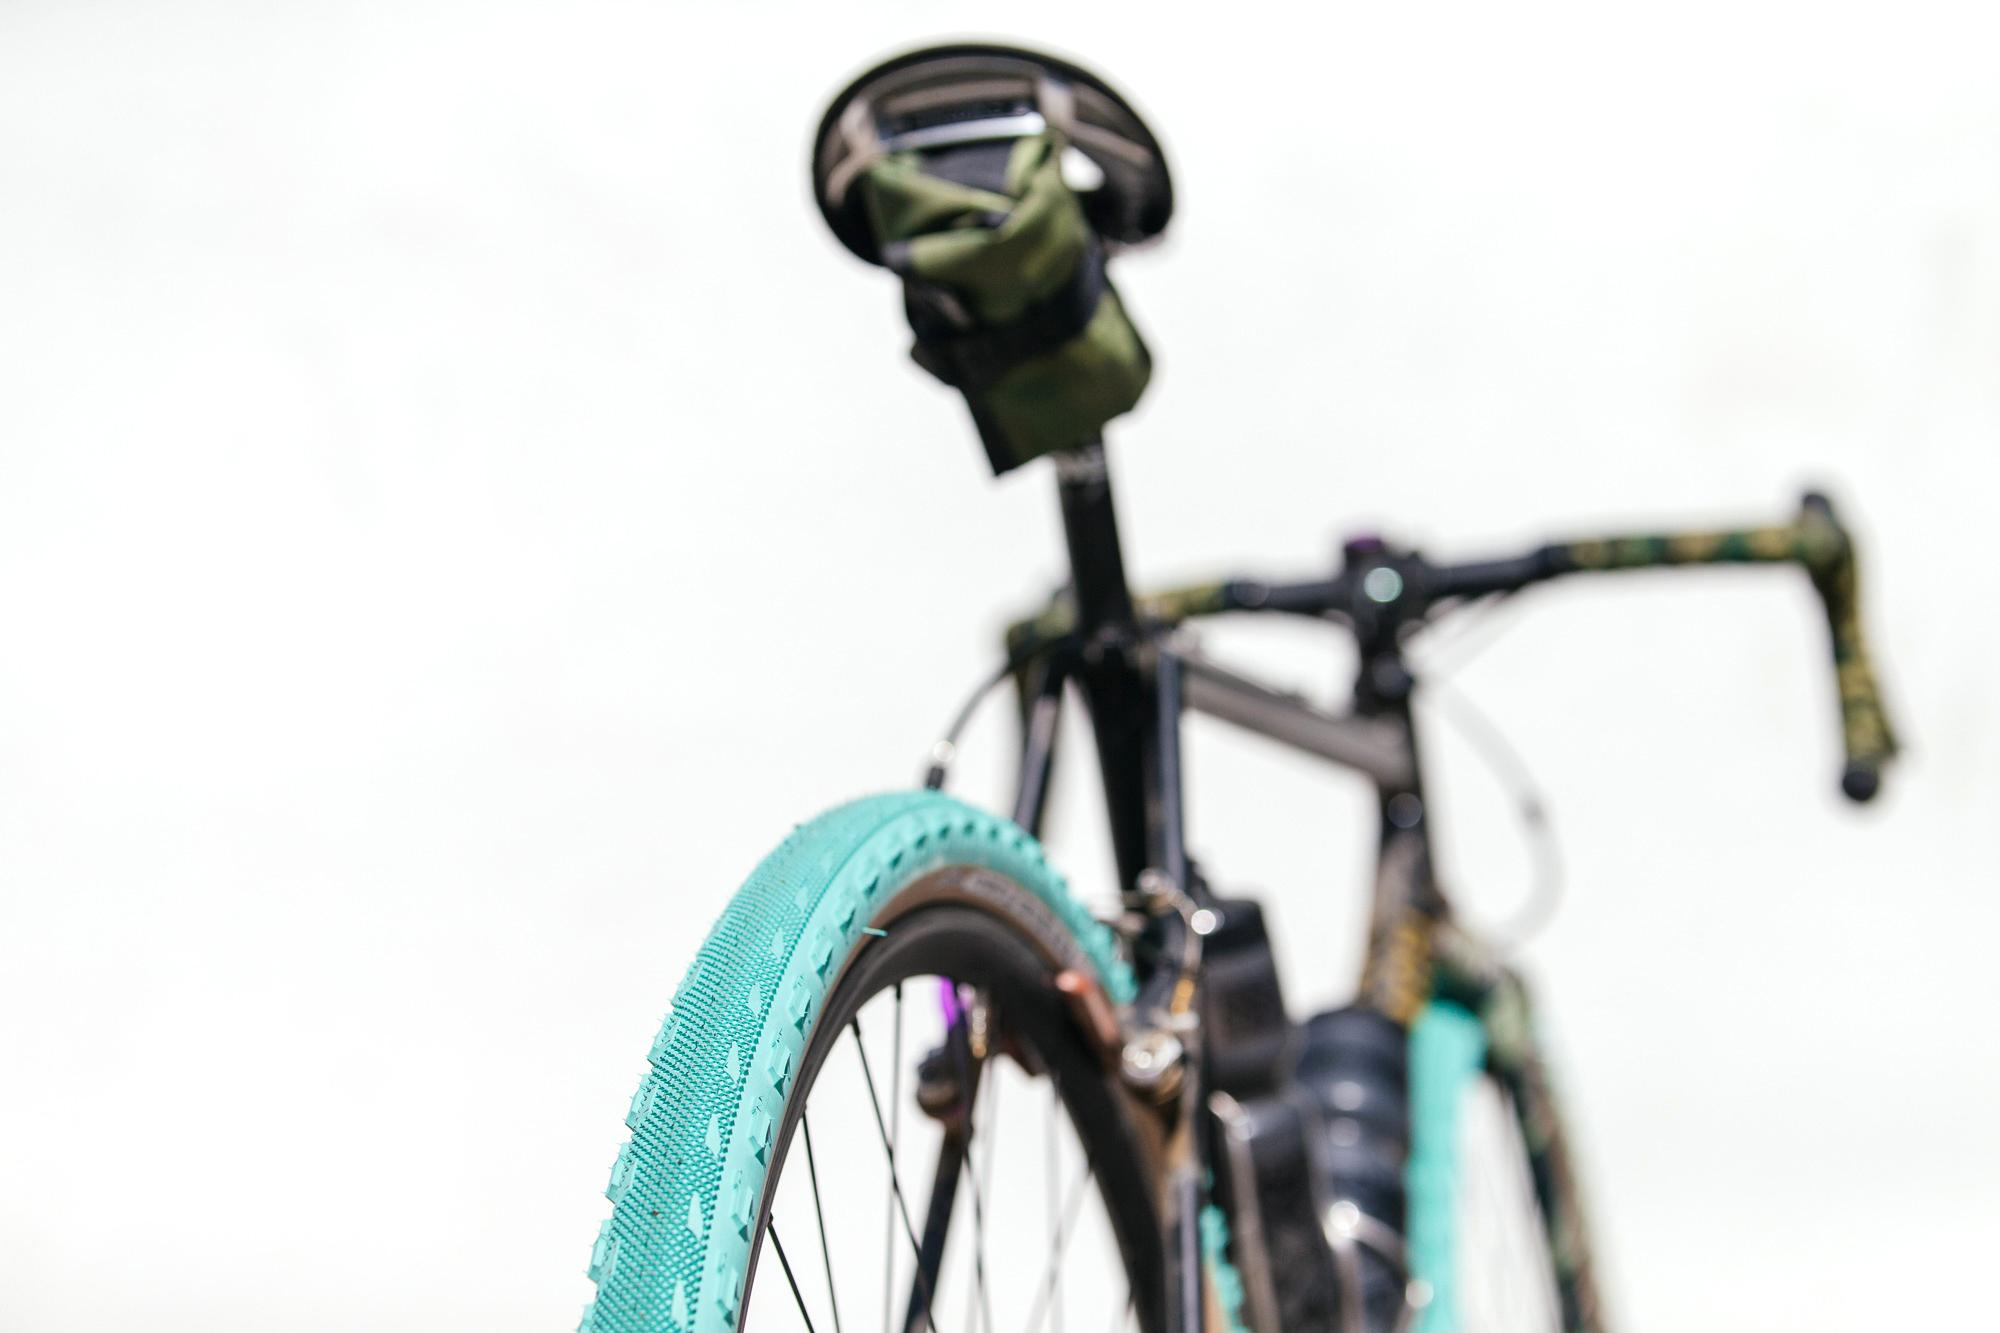 Golden Saddle Rides: Hufnagel DSC Tiger Camo 'Cross